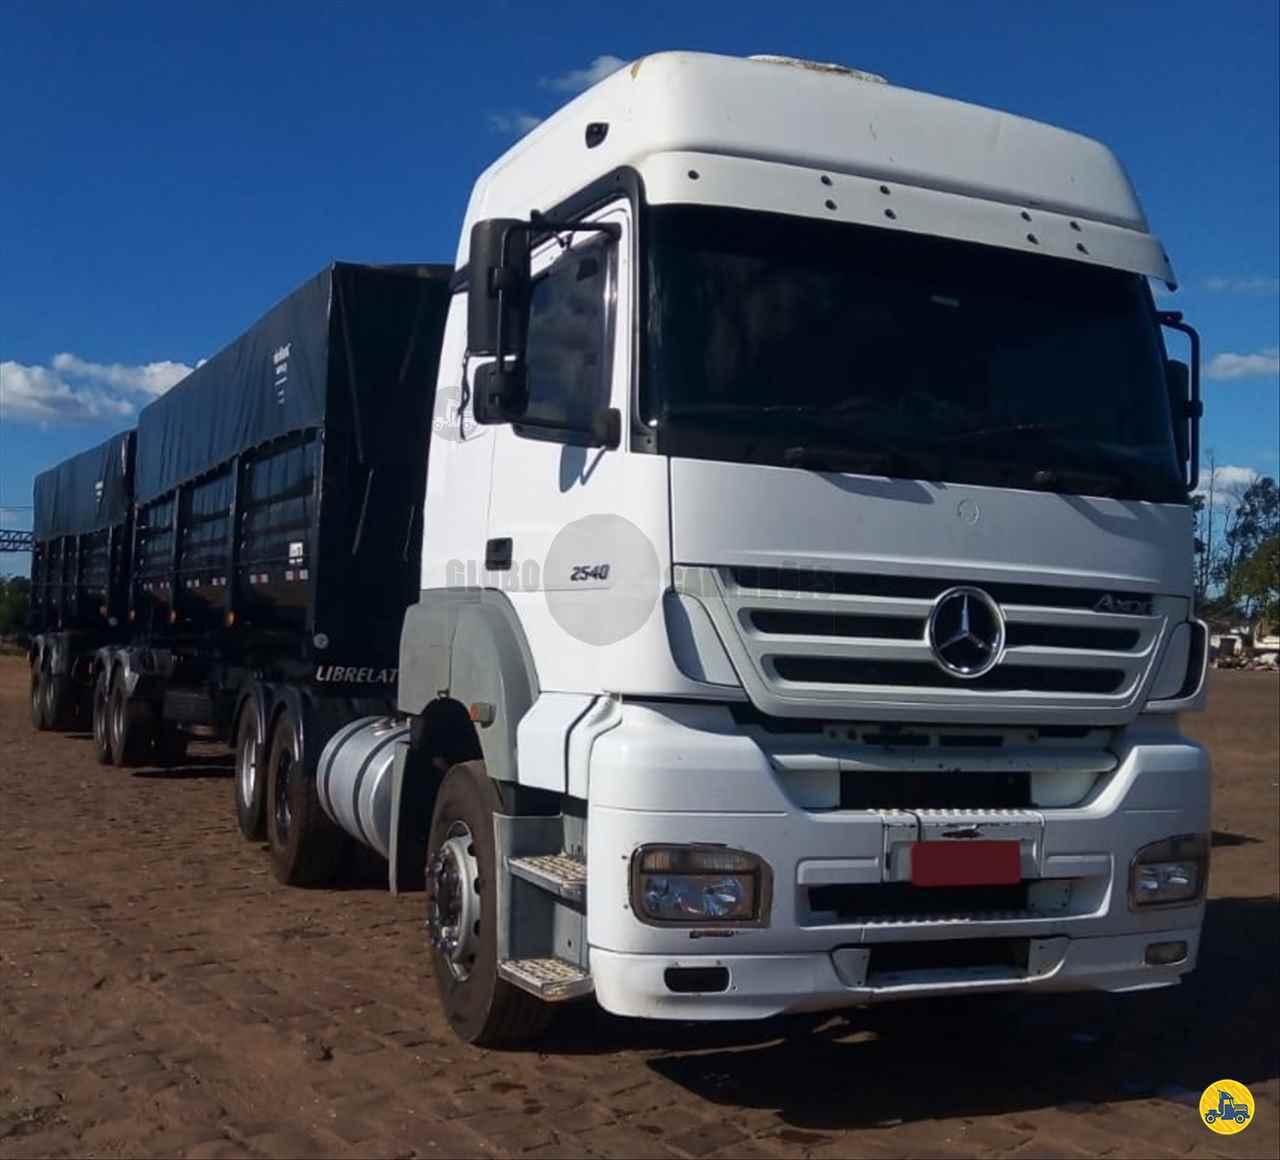 CAMINHAO MERCEDES-BENZ MB 2540 Cavalo Mecânico Truck 6x2 Globo Caminhões Helio Maringá MARINGA PARANÁ PR